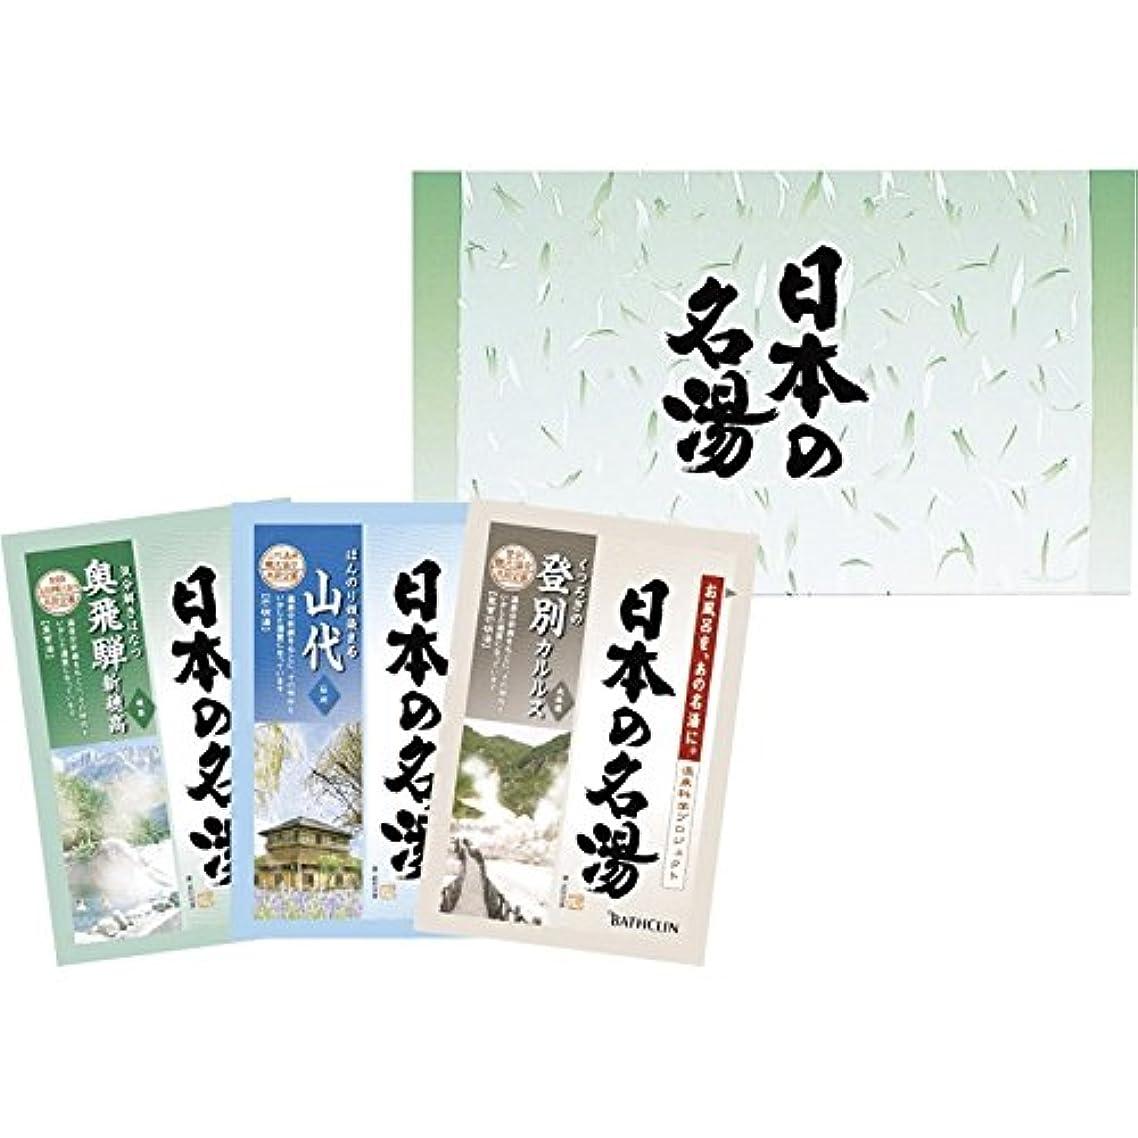 アジア人投げる不可能なバスクリン 日本の名湯 3包セット 【ギフトセット あたたまる あったまる ぽかぽか つめあわせ 詰め合わせ アソート バス用品 お風呂用品 300】